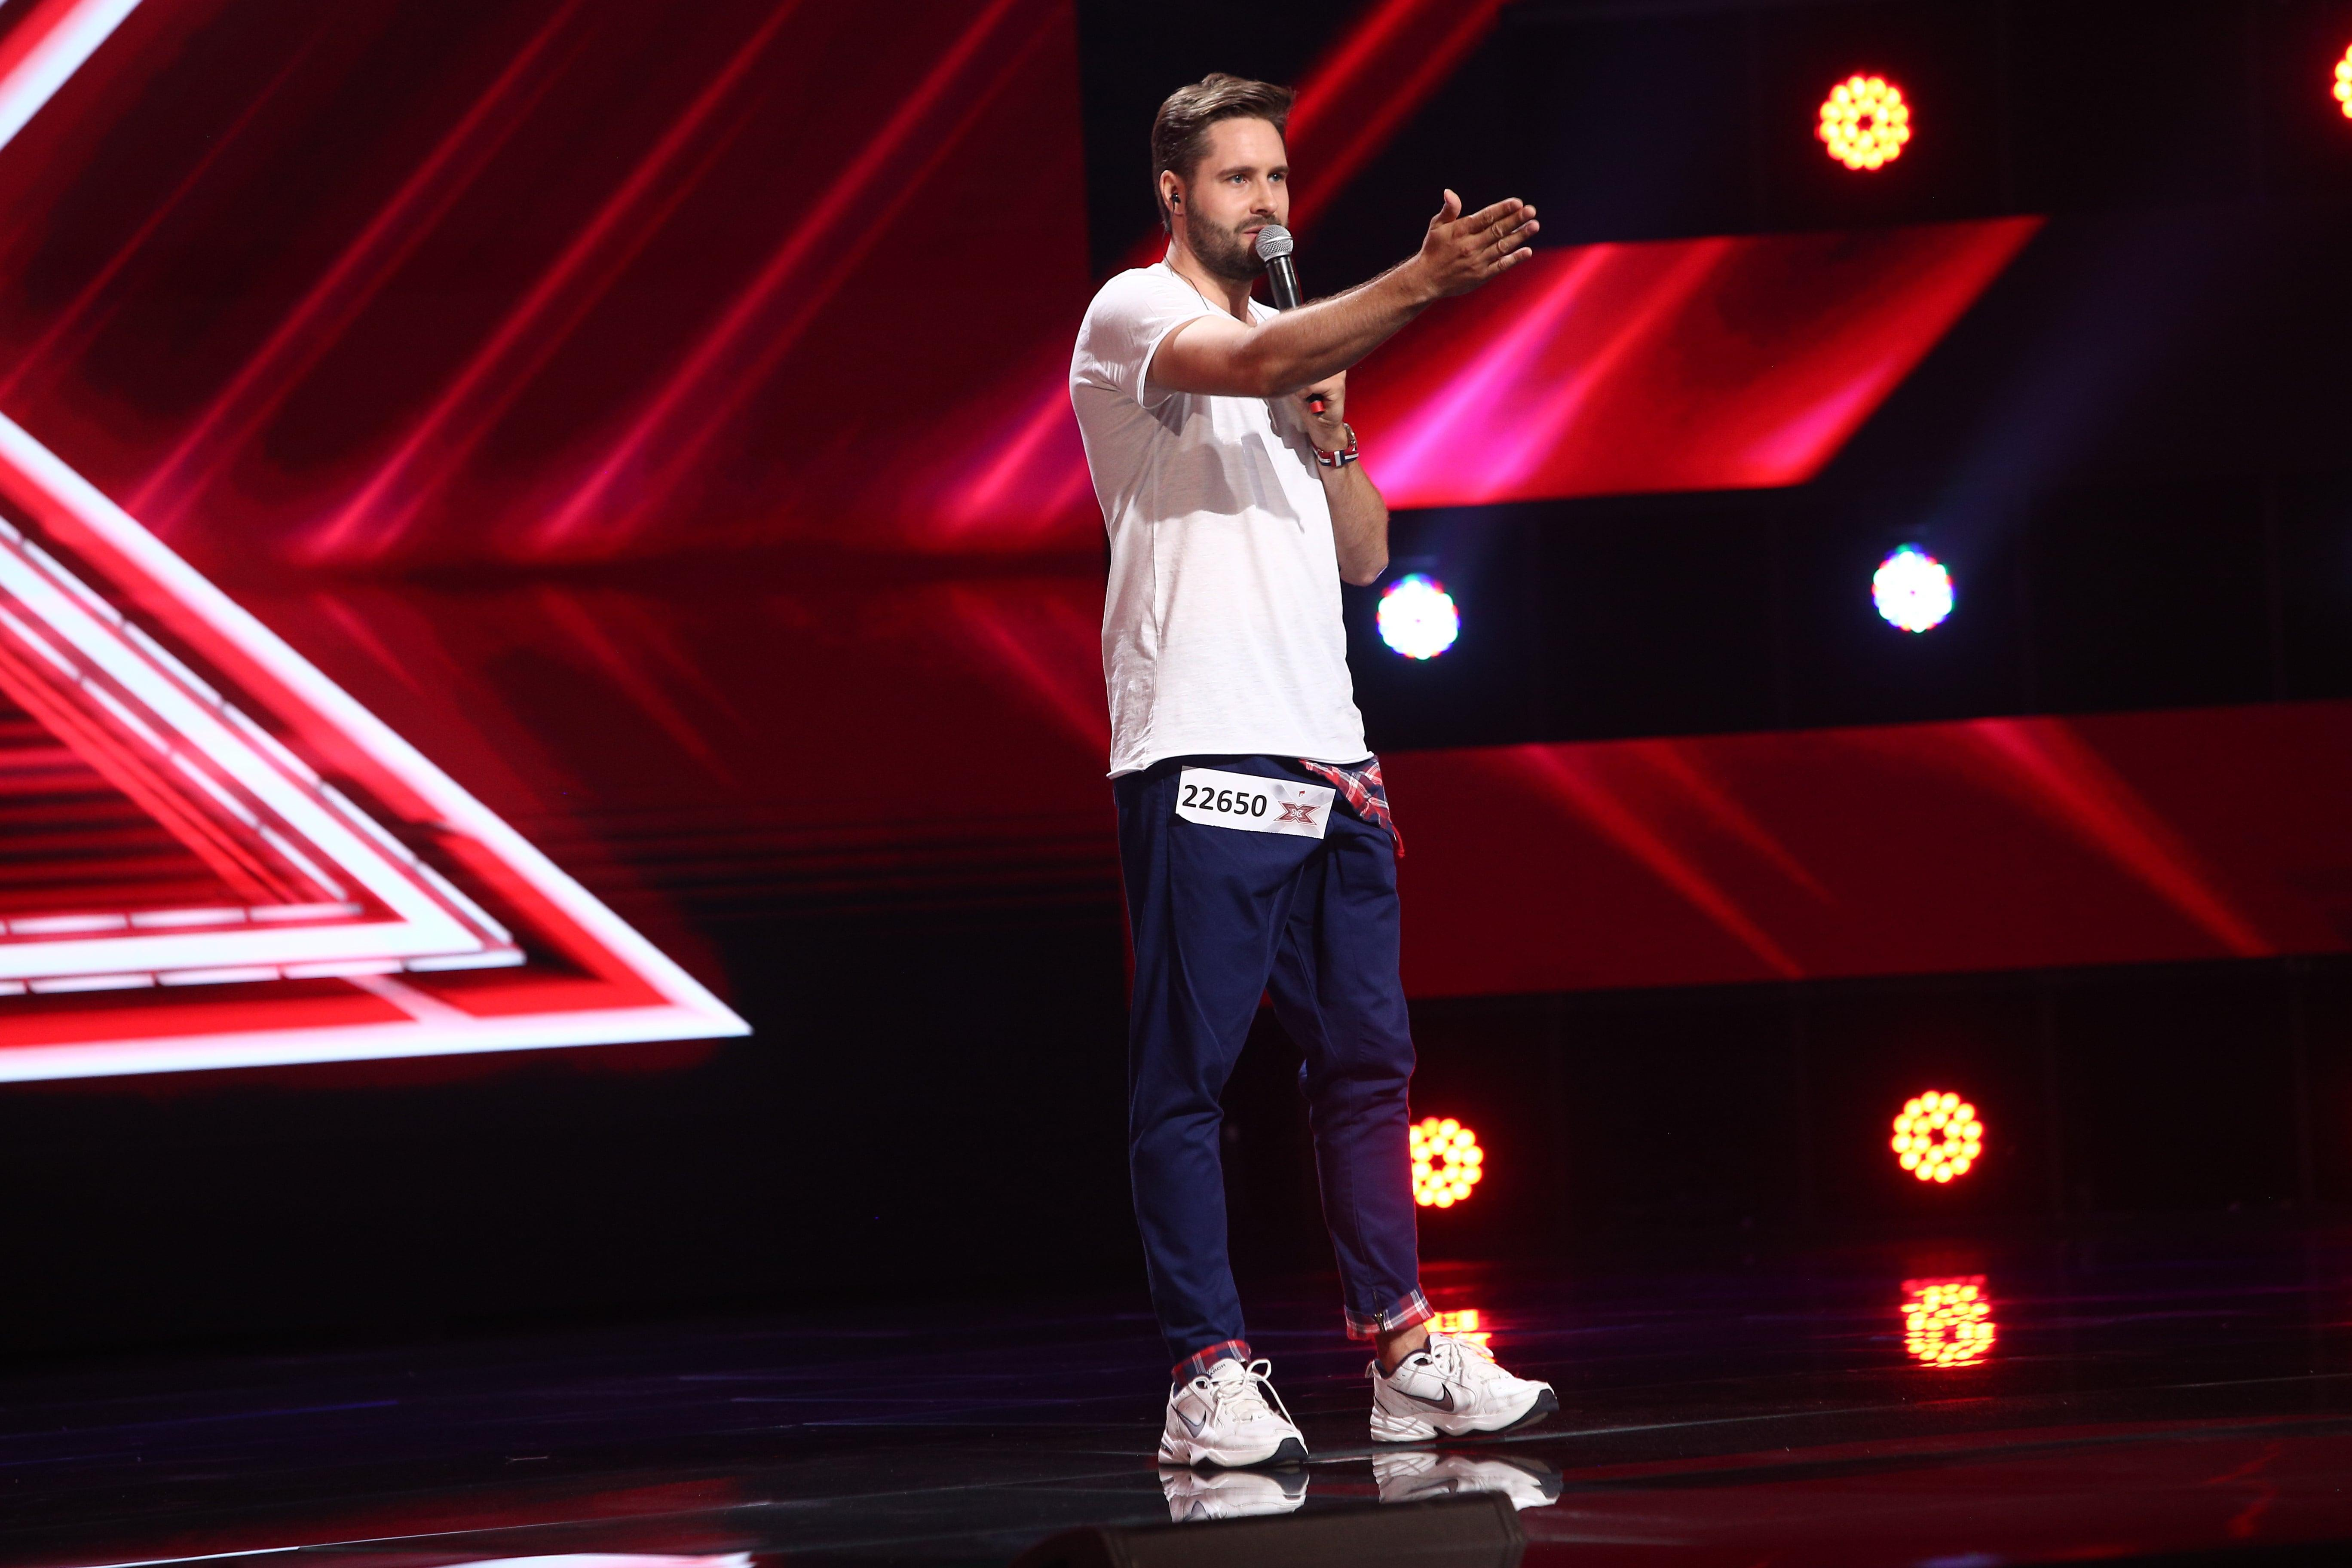 X Factor 2021, 24 septembrie. Daniel Chodyna a venit să-și susțină amicul, dar a cântat și el piesa Can't stop the feeling